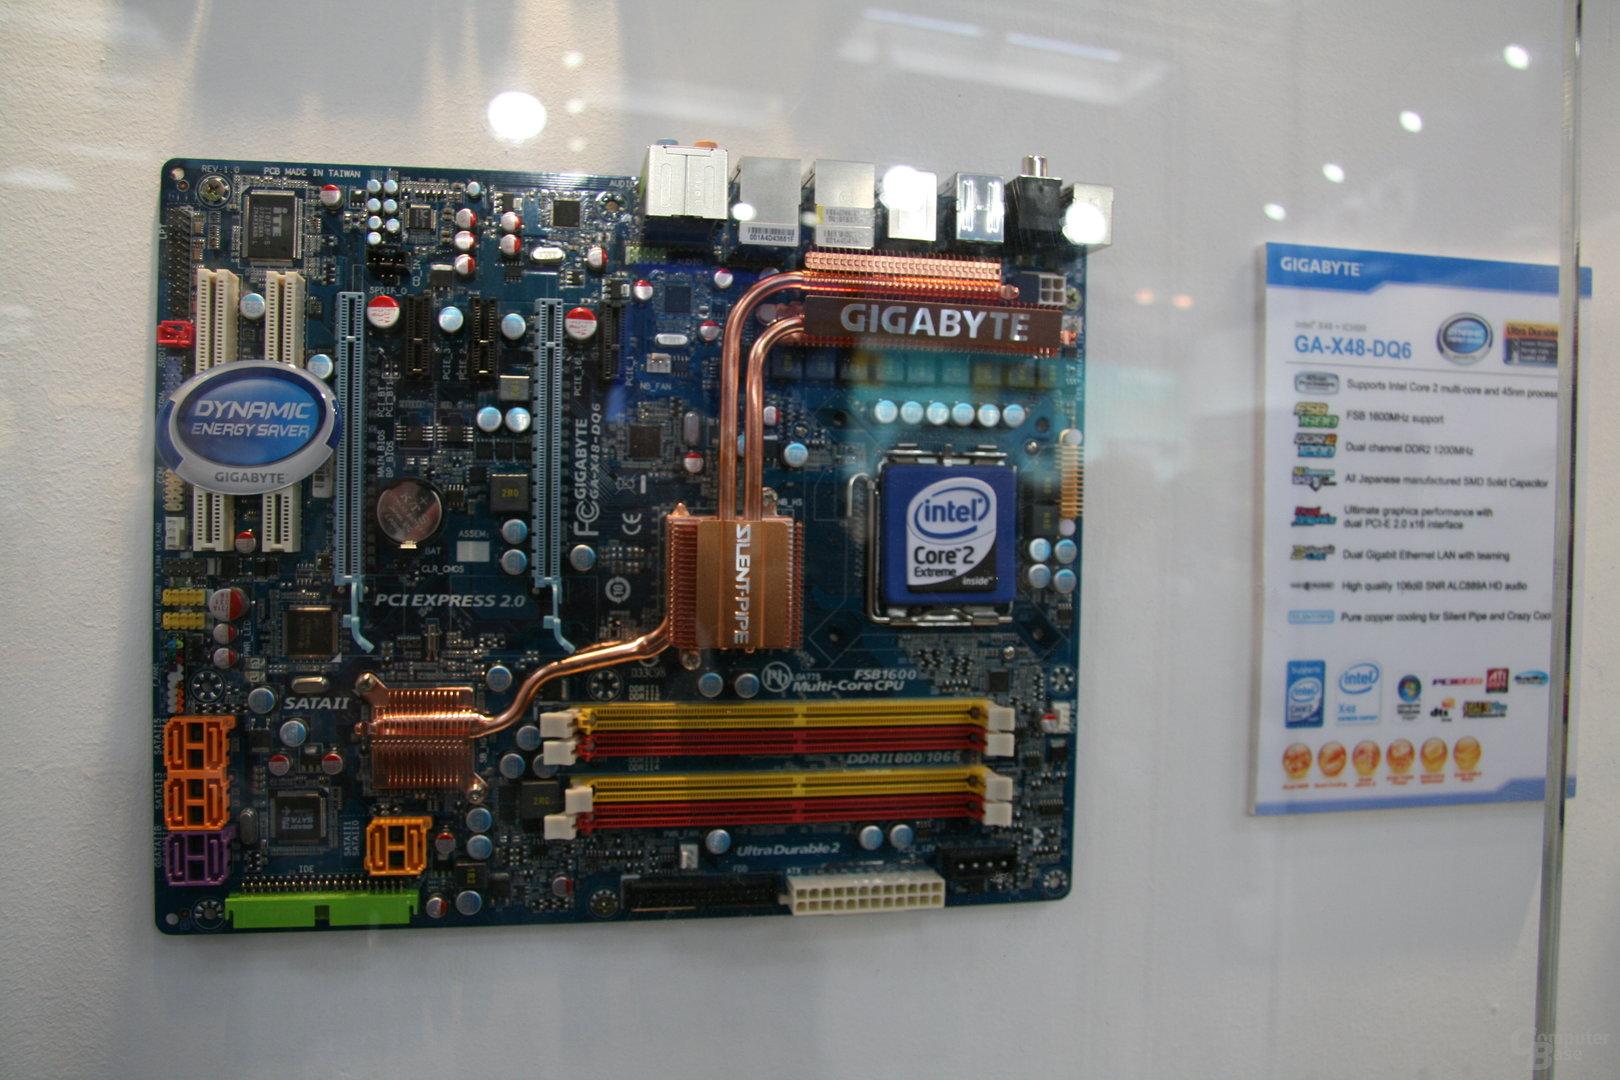 X48 von Gigabyte mit DDR2